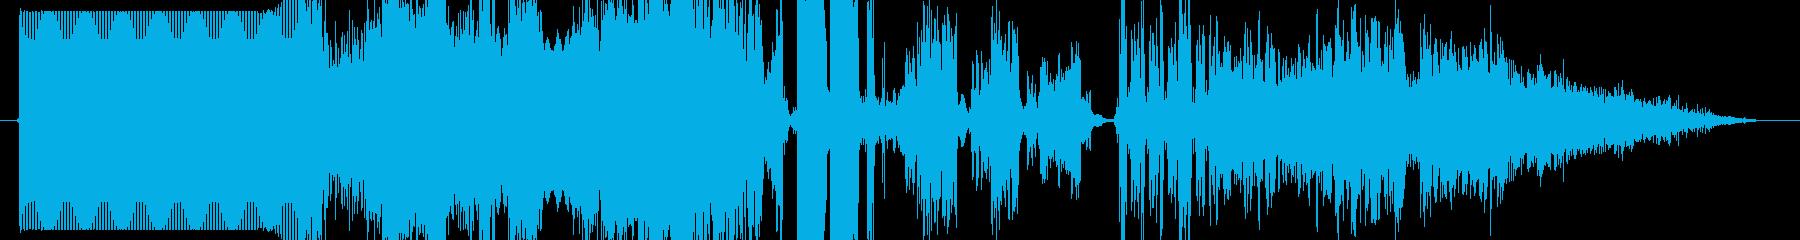 FM jingle production kit GO! !'s reproduced waveform